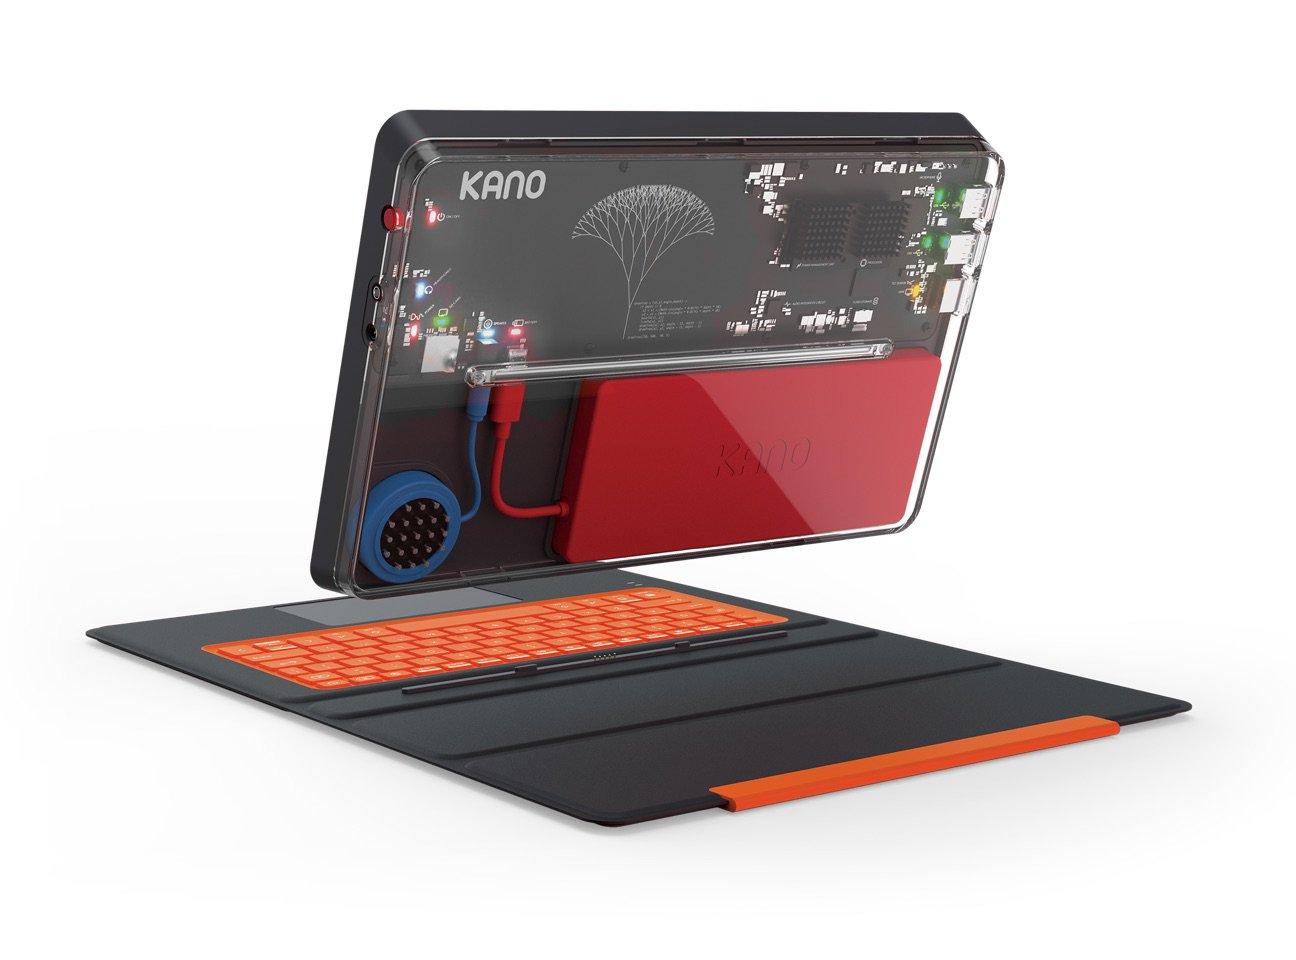 Kano PC tech specs and FAQ